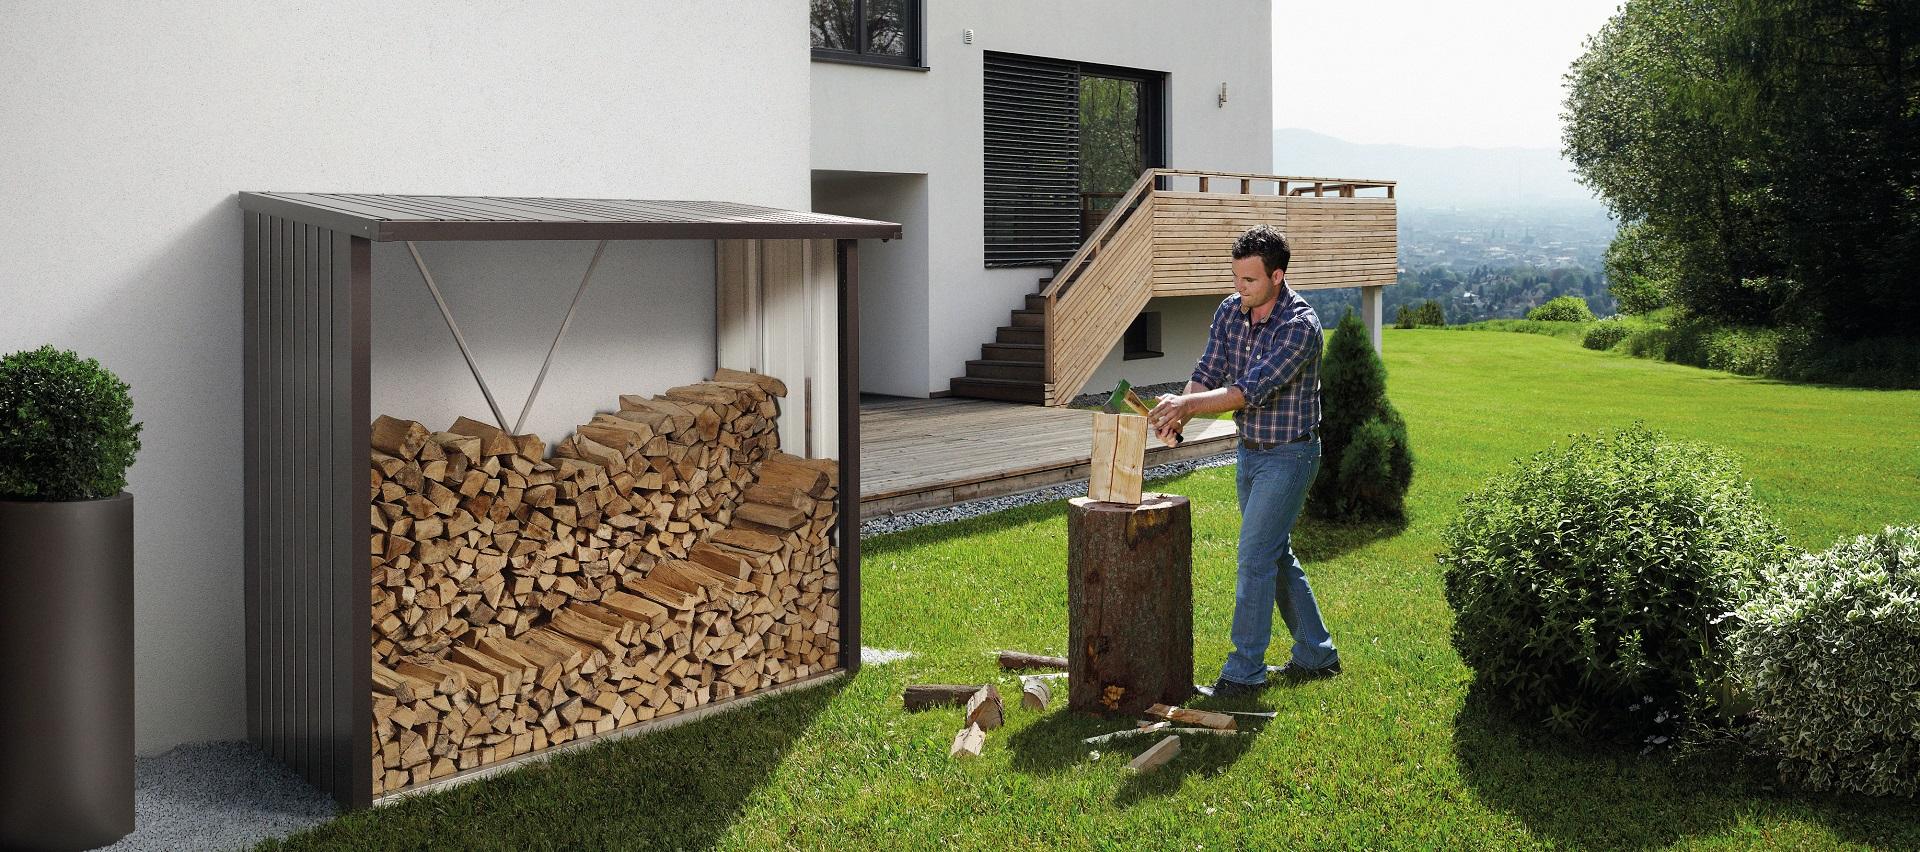 Gartenordnung Kaminholzregal von Biohort bei Holz-Hauff GmbH in Leingarten